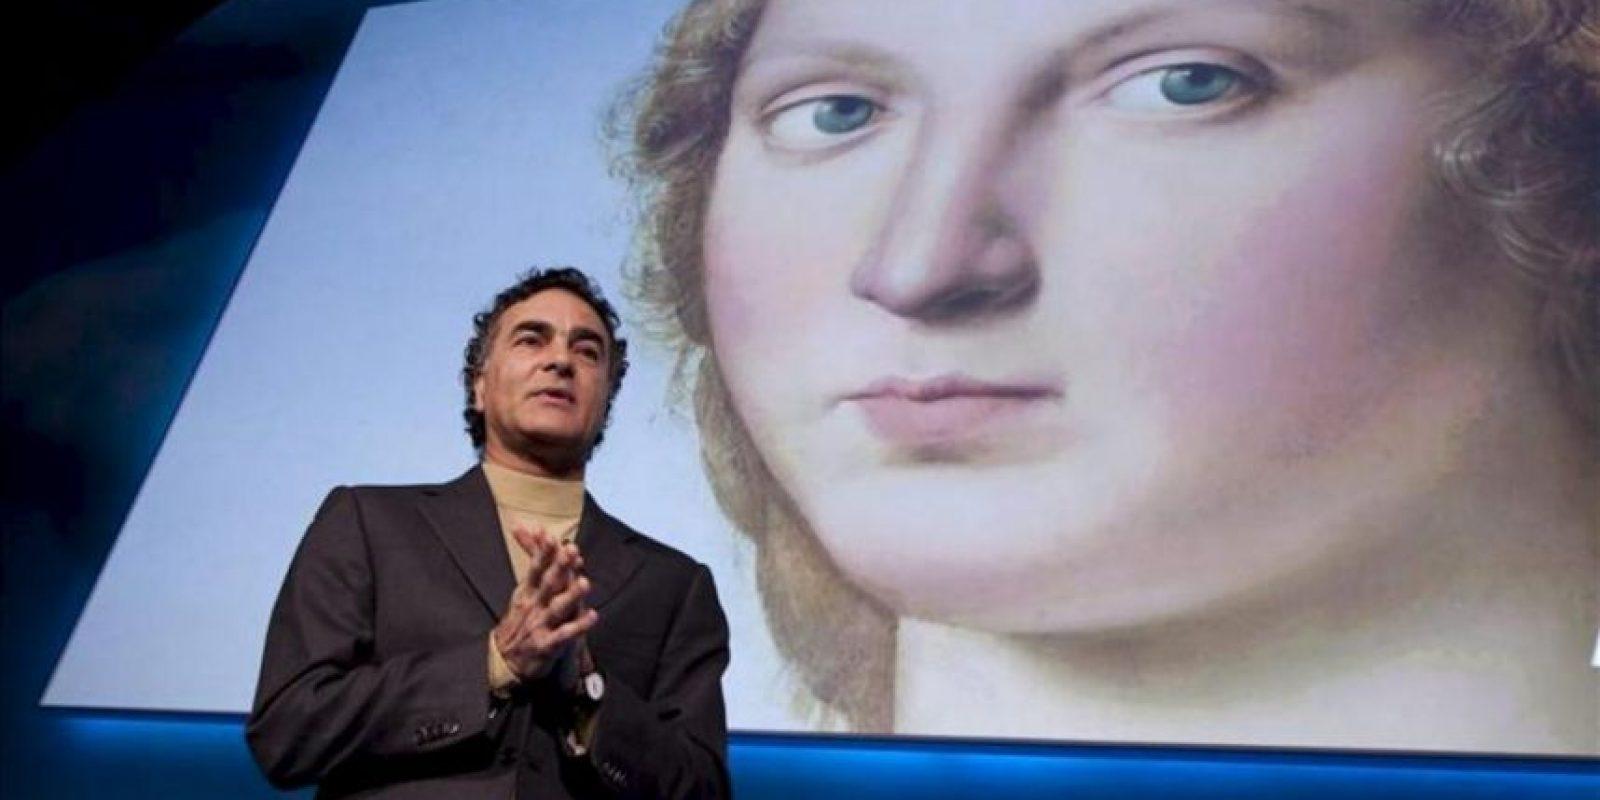 """El vicepresidente tecnológico de Google para Europa, África y Oriente Medio, Nelson Mattos, ofrece una rueda de prensa en el Museo de Orsay en París (Francia) hoy, 3 de abril de 2012 durante la presentación del programa """"Art Project"""". EFE"""